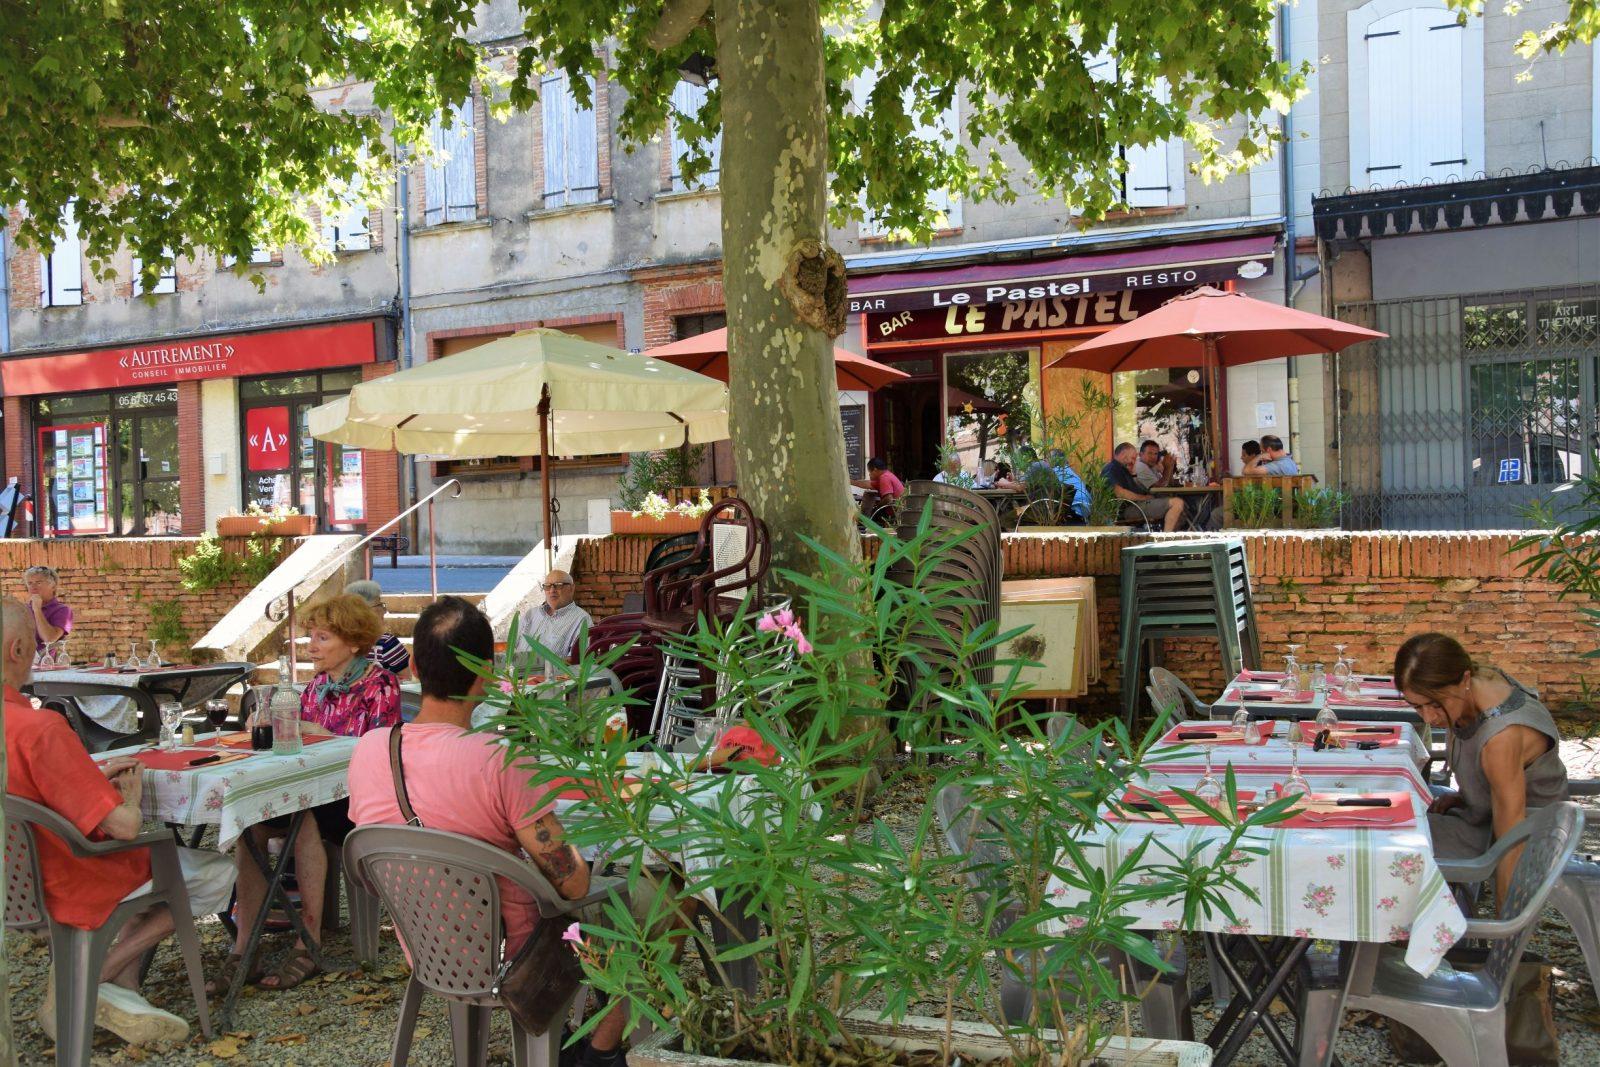 Restaurant Le Pastel à Rabastens